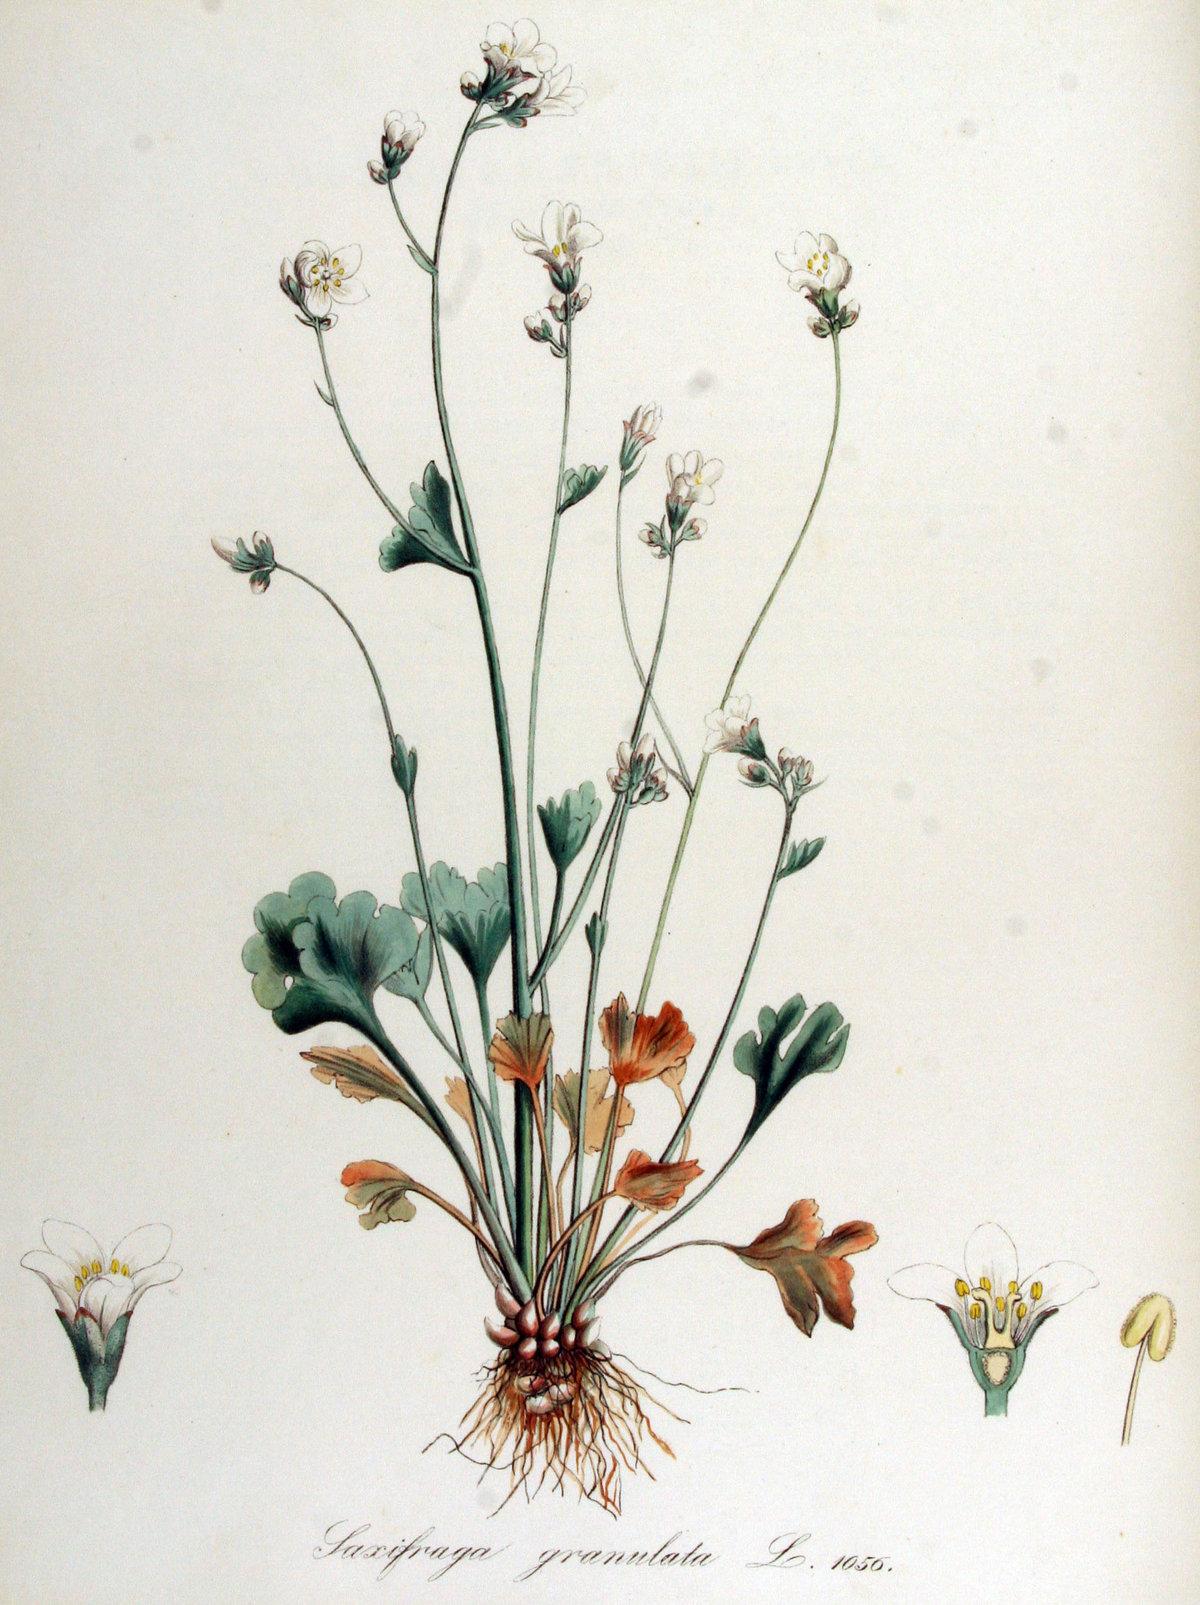 Старинные гербарии картинки, открытка